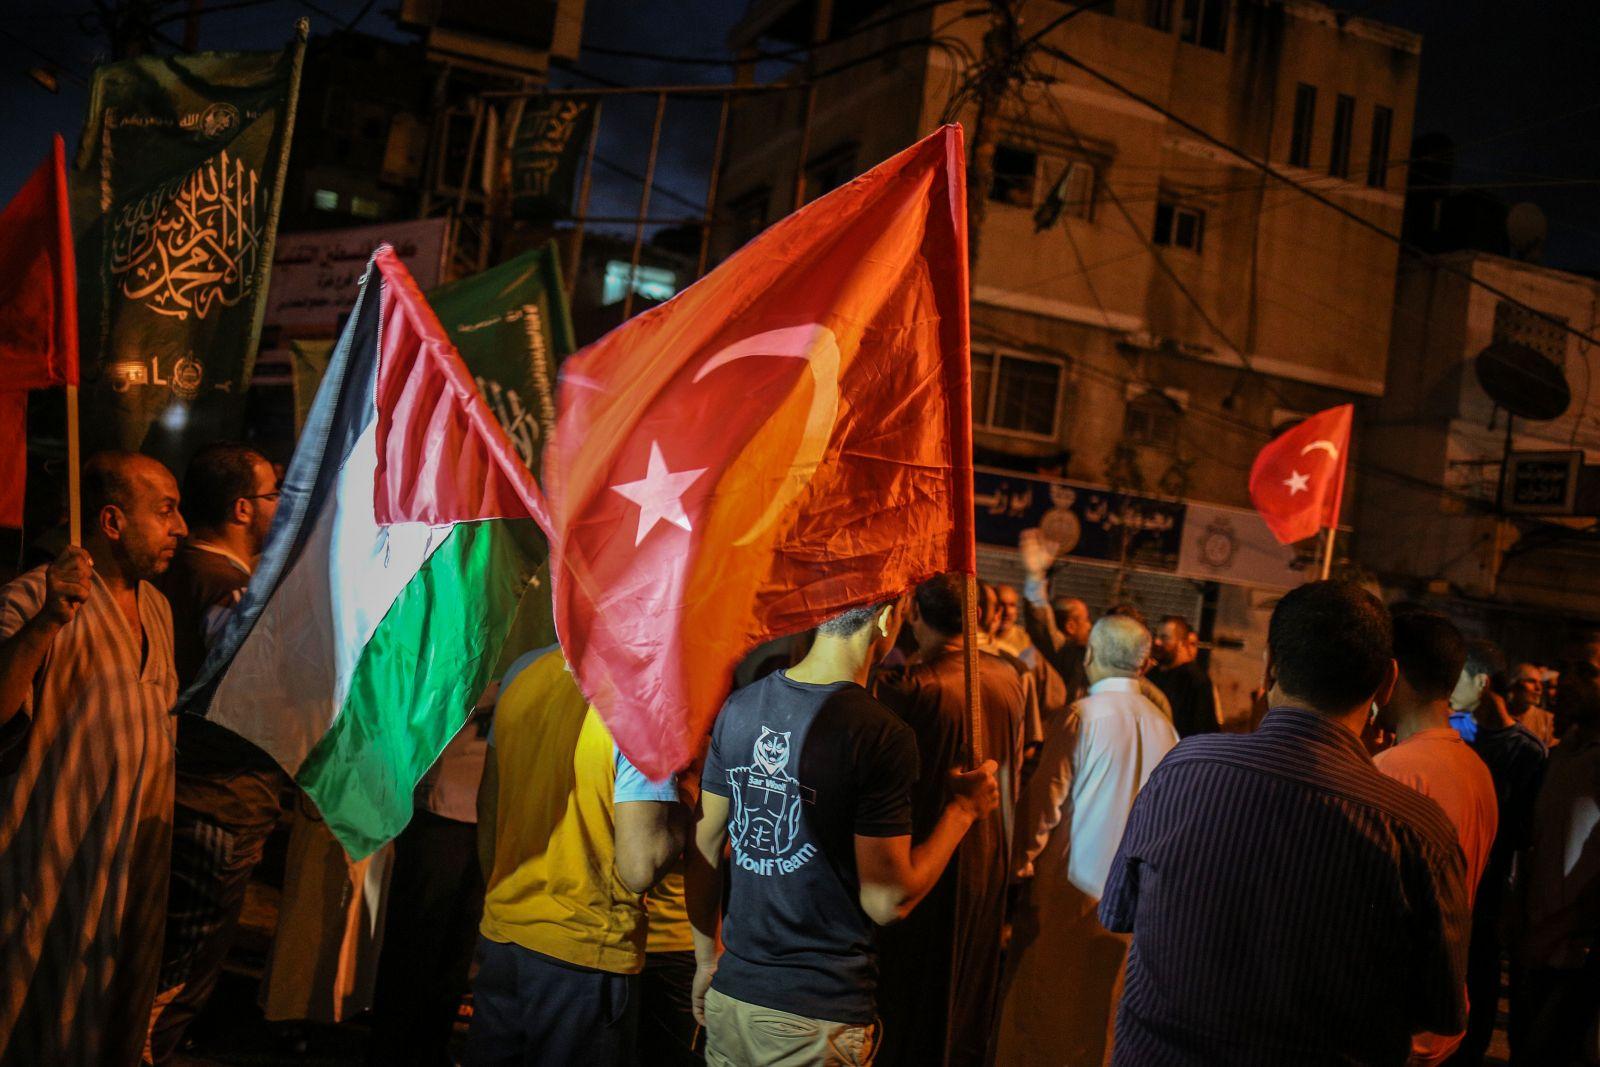 احتفالات في غزّة عقب فشل المحاولة الانقلابية (الأناضول)